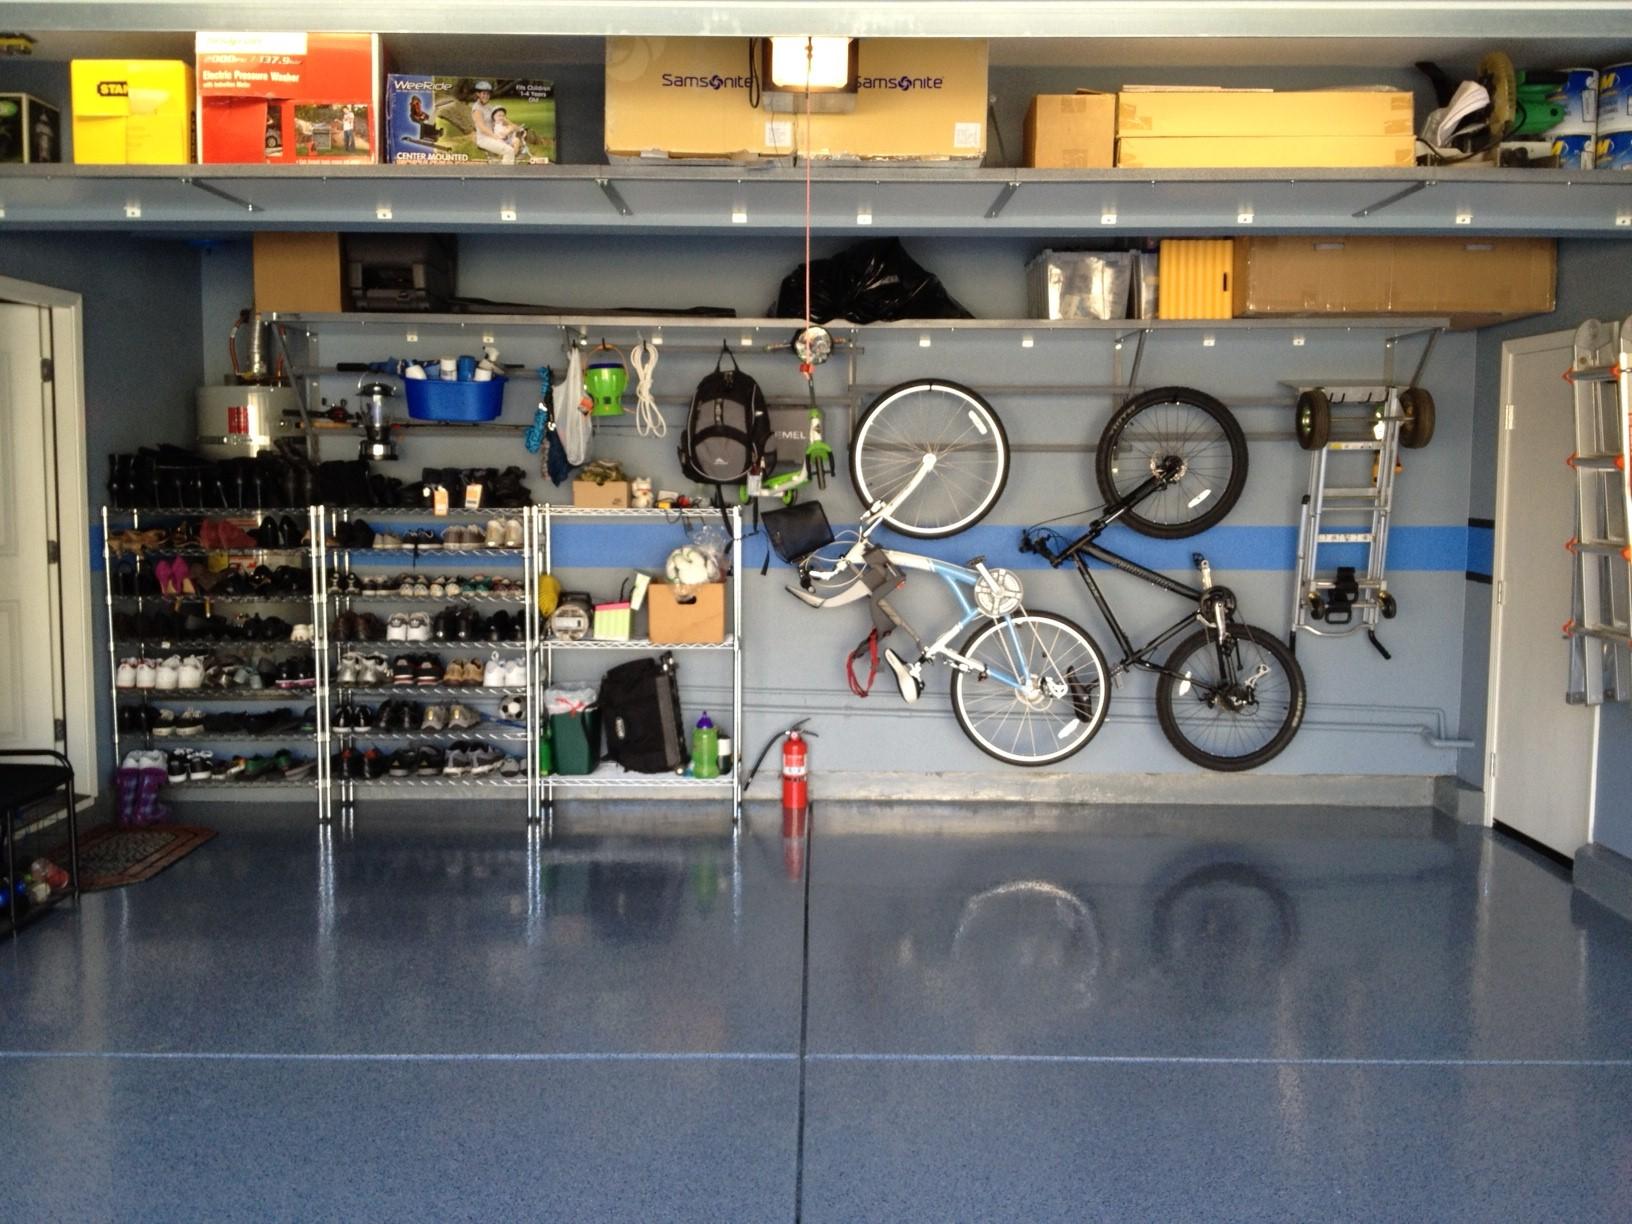 garage storage and organization photo - 2